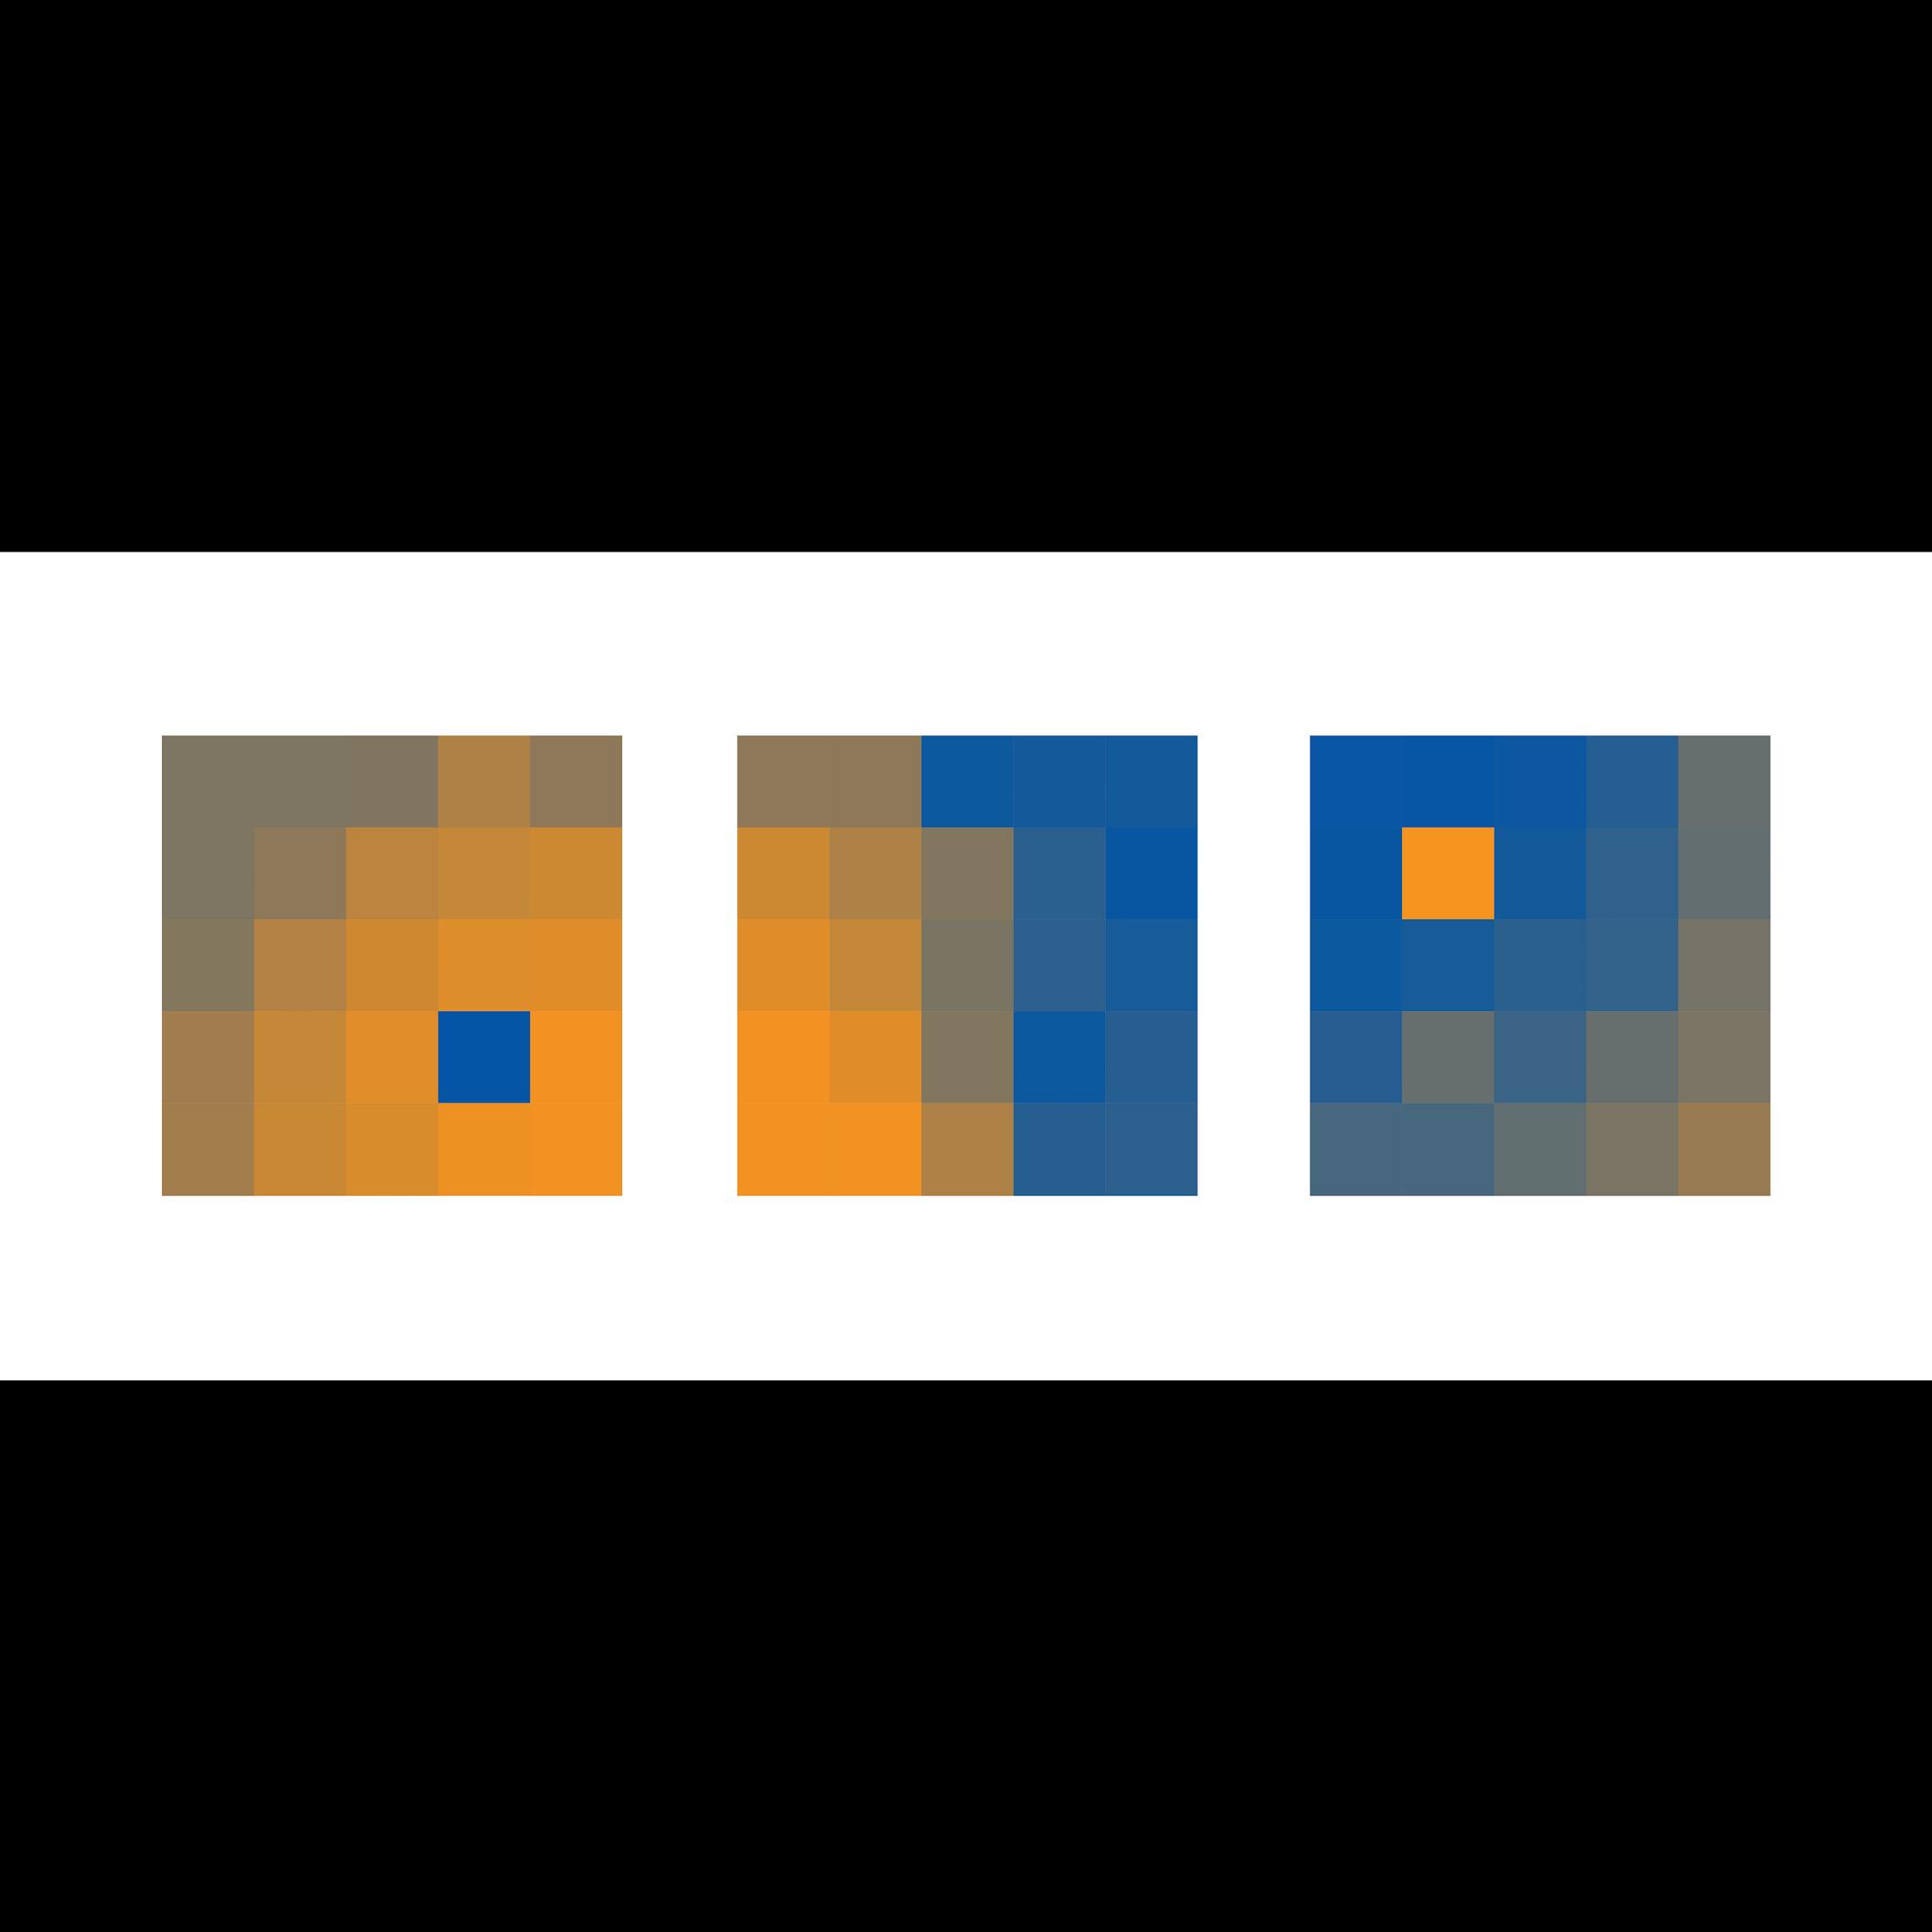 Form&Color_F1642.jpg